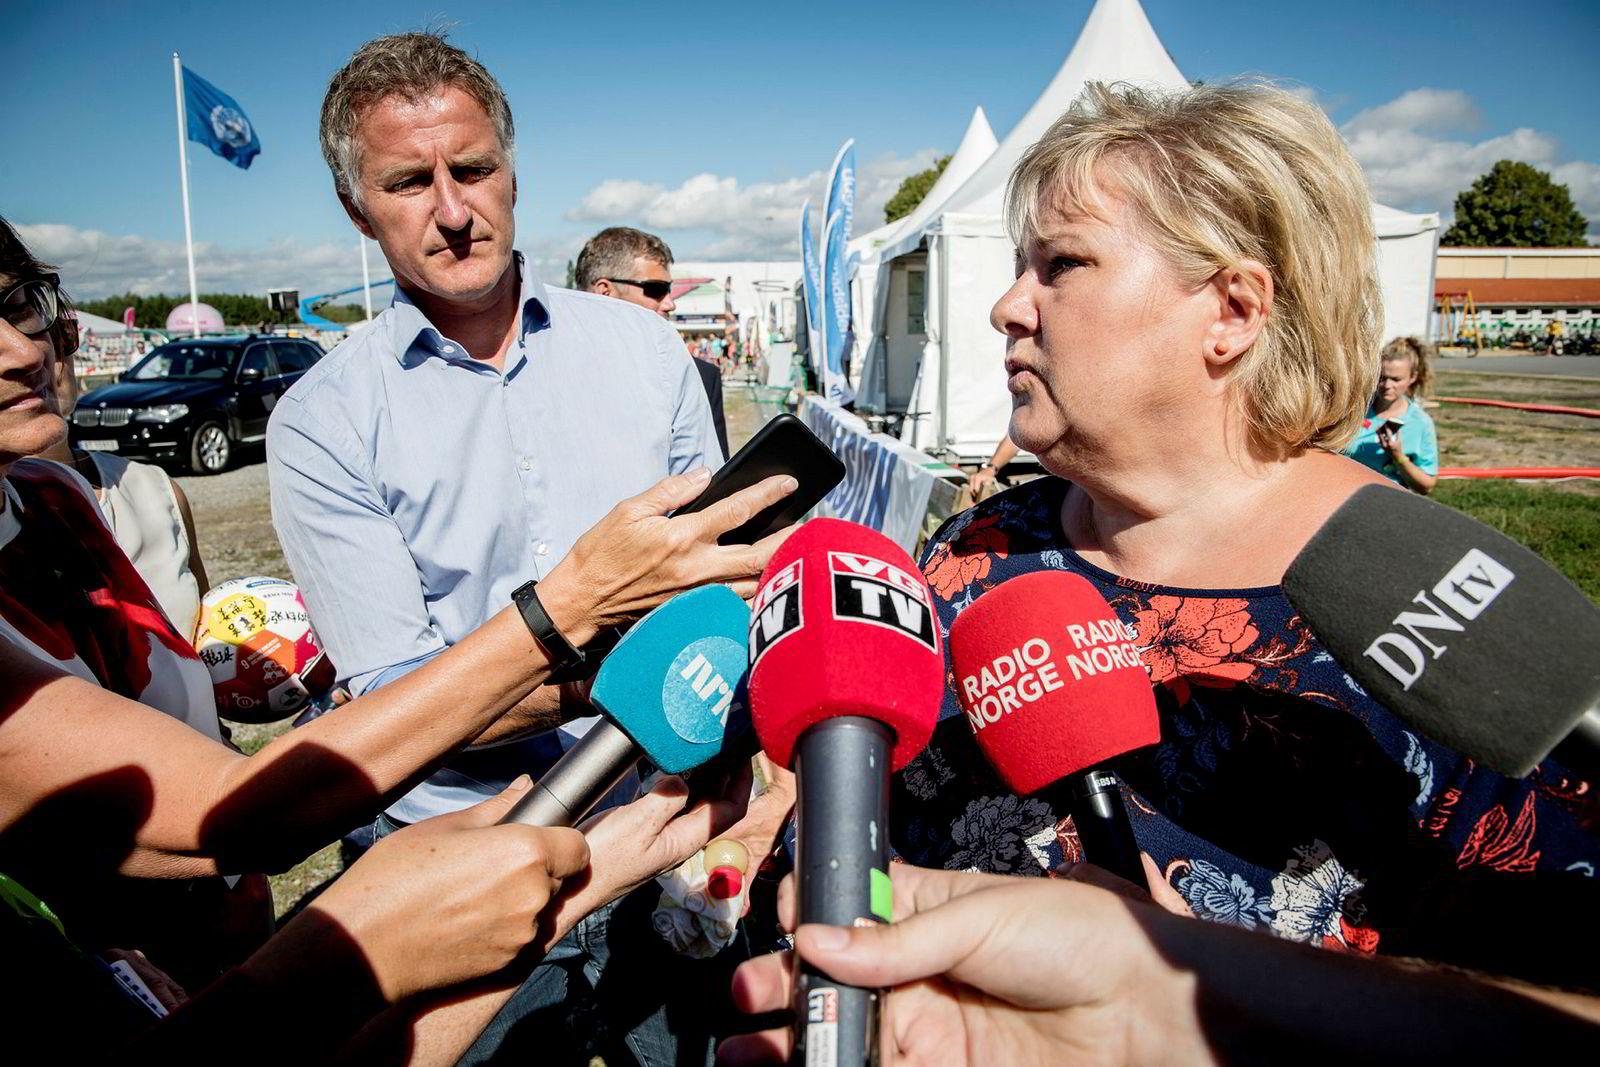 – Per Sandberg brøt regelverket, sa statsminister Erna Solberg til pressen etter hun hadde vært på Norway cup og deltatt som lagleder i en fotballkamp der næringslivstopper deltok i en felles markering til støtte for FNs bærekraftsmål.